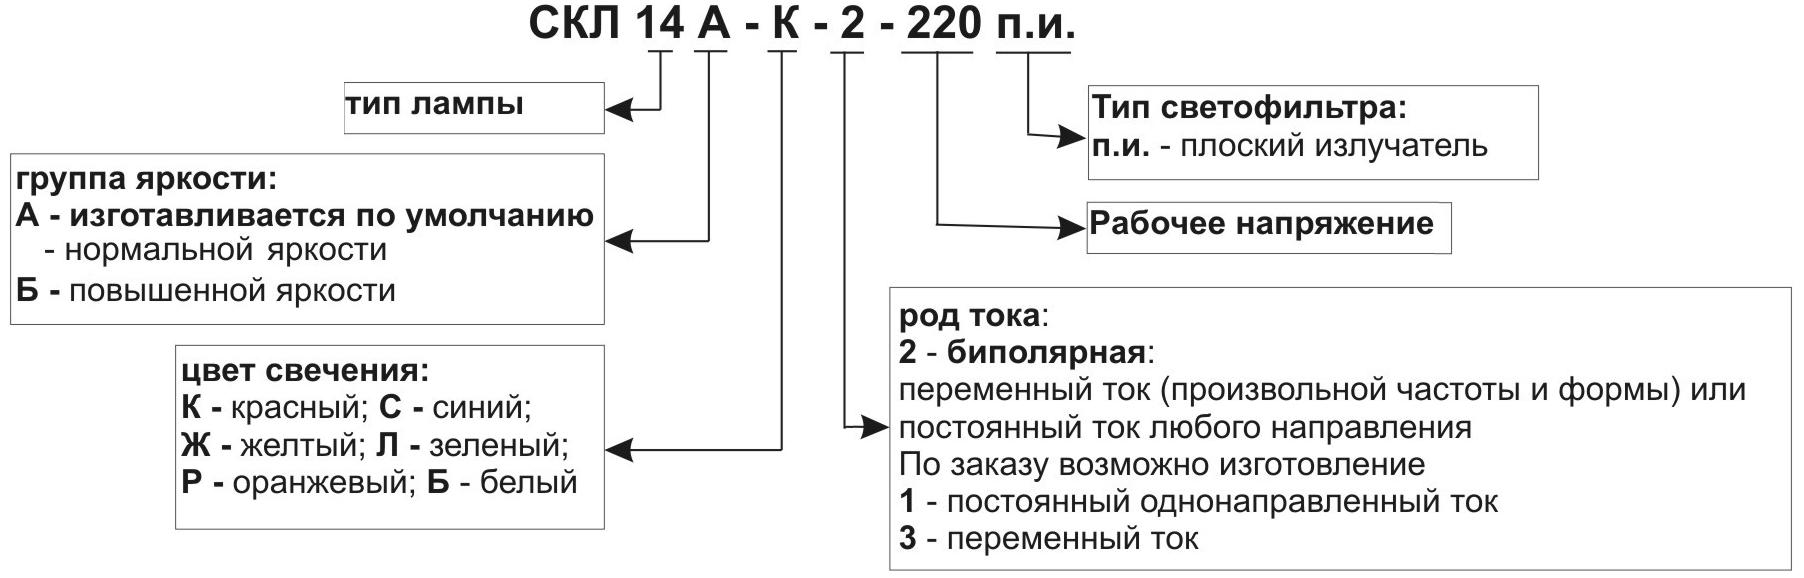 структура обозначения лампы СКЛ